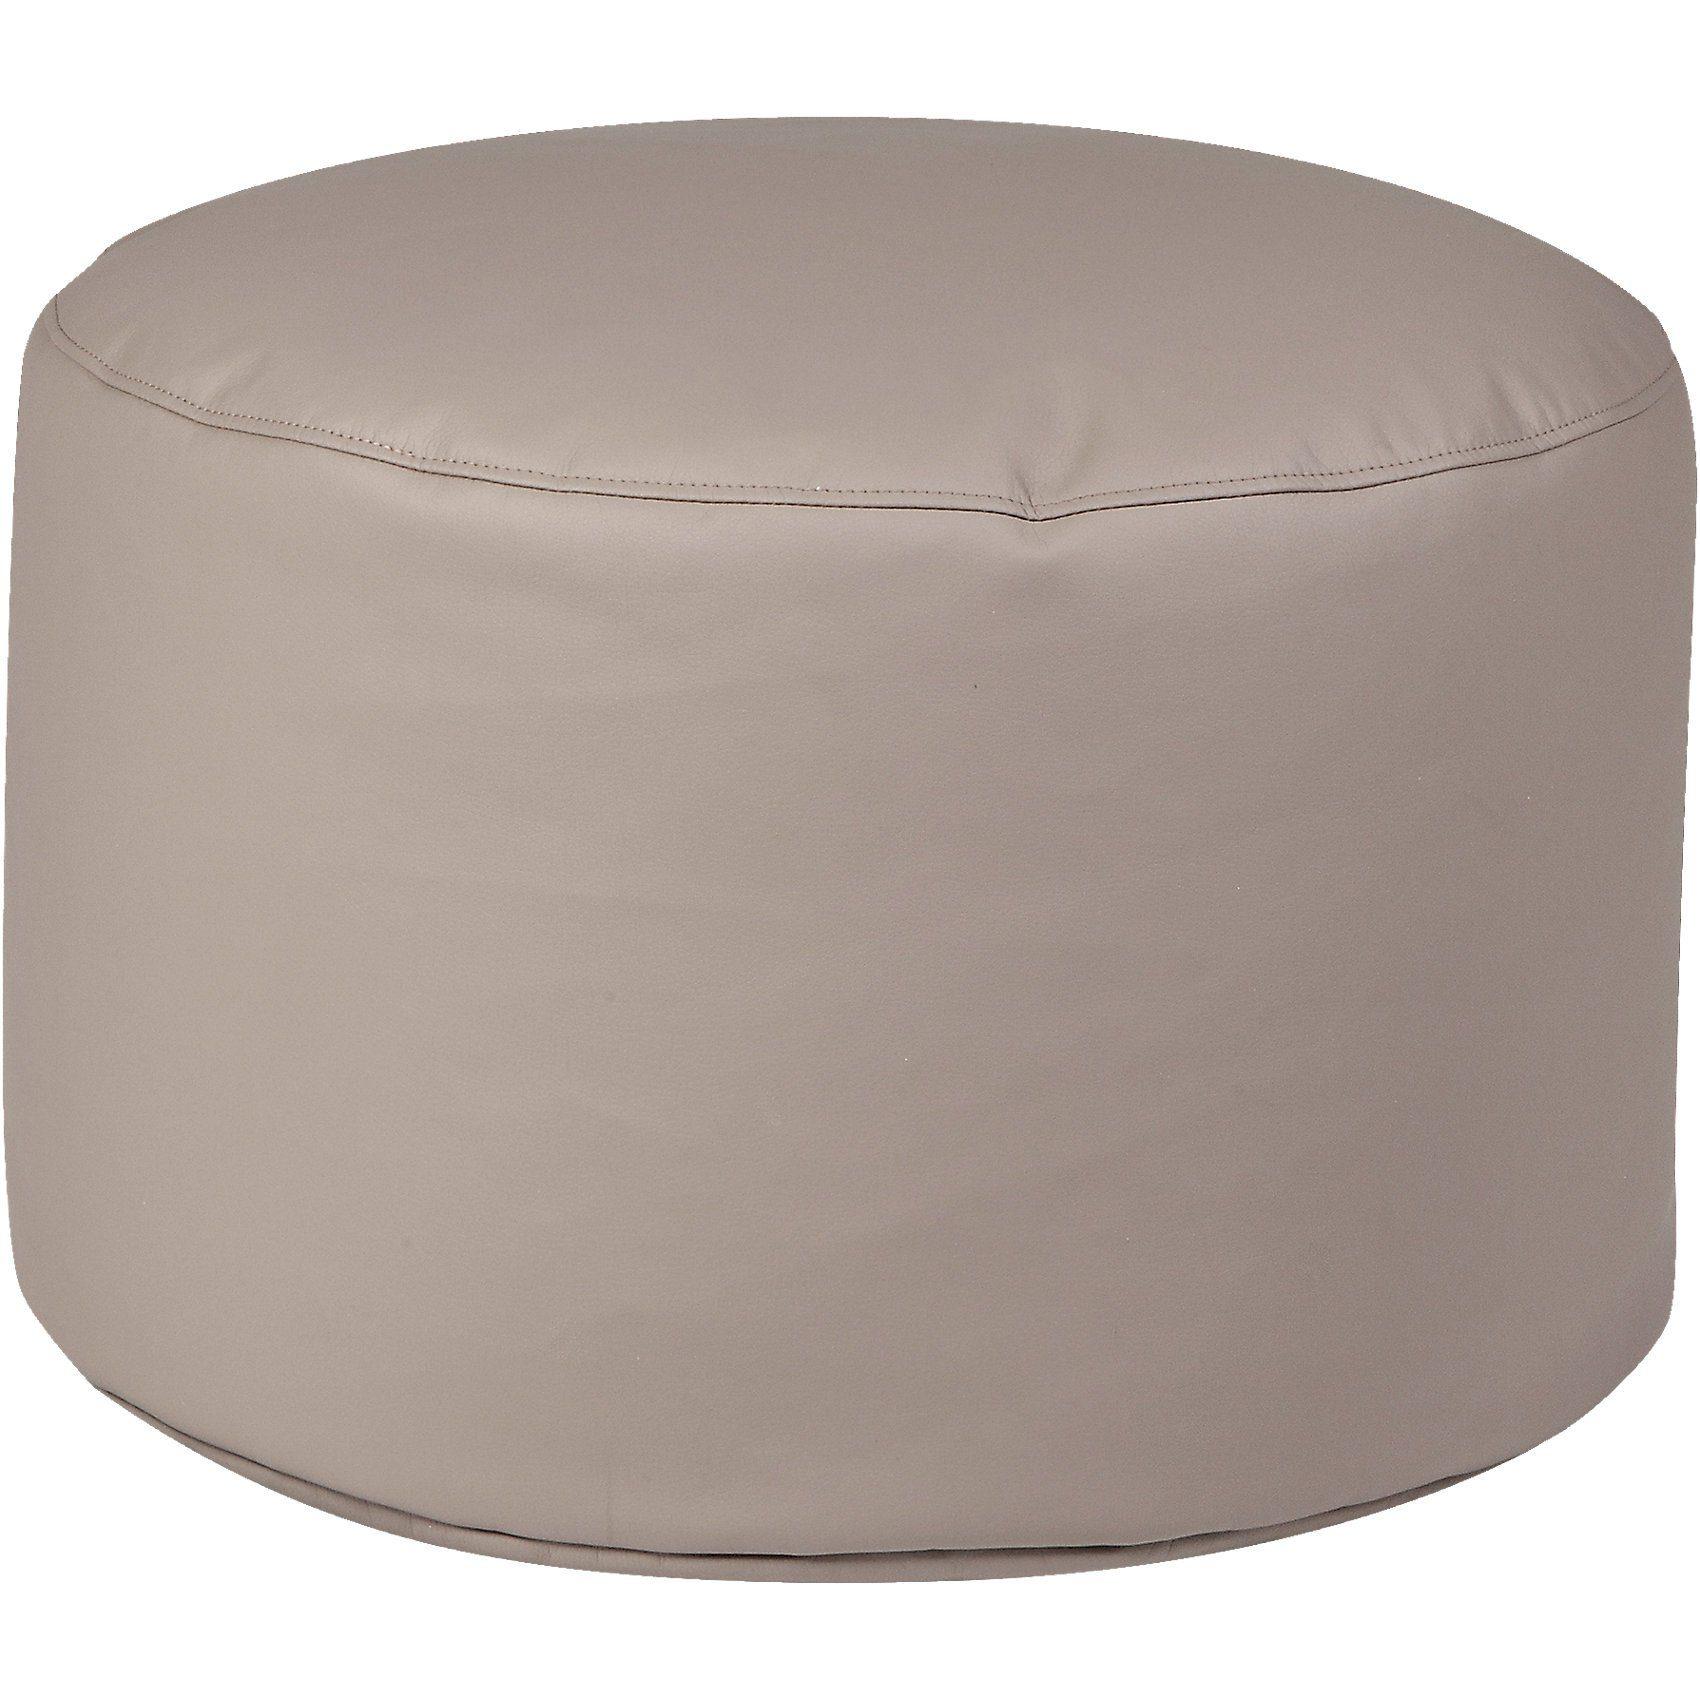 Sitzsack Drum, Kunstleder, taupe